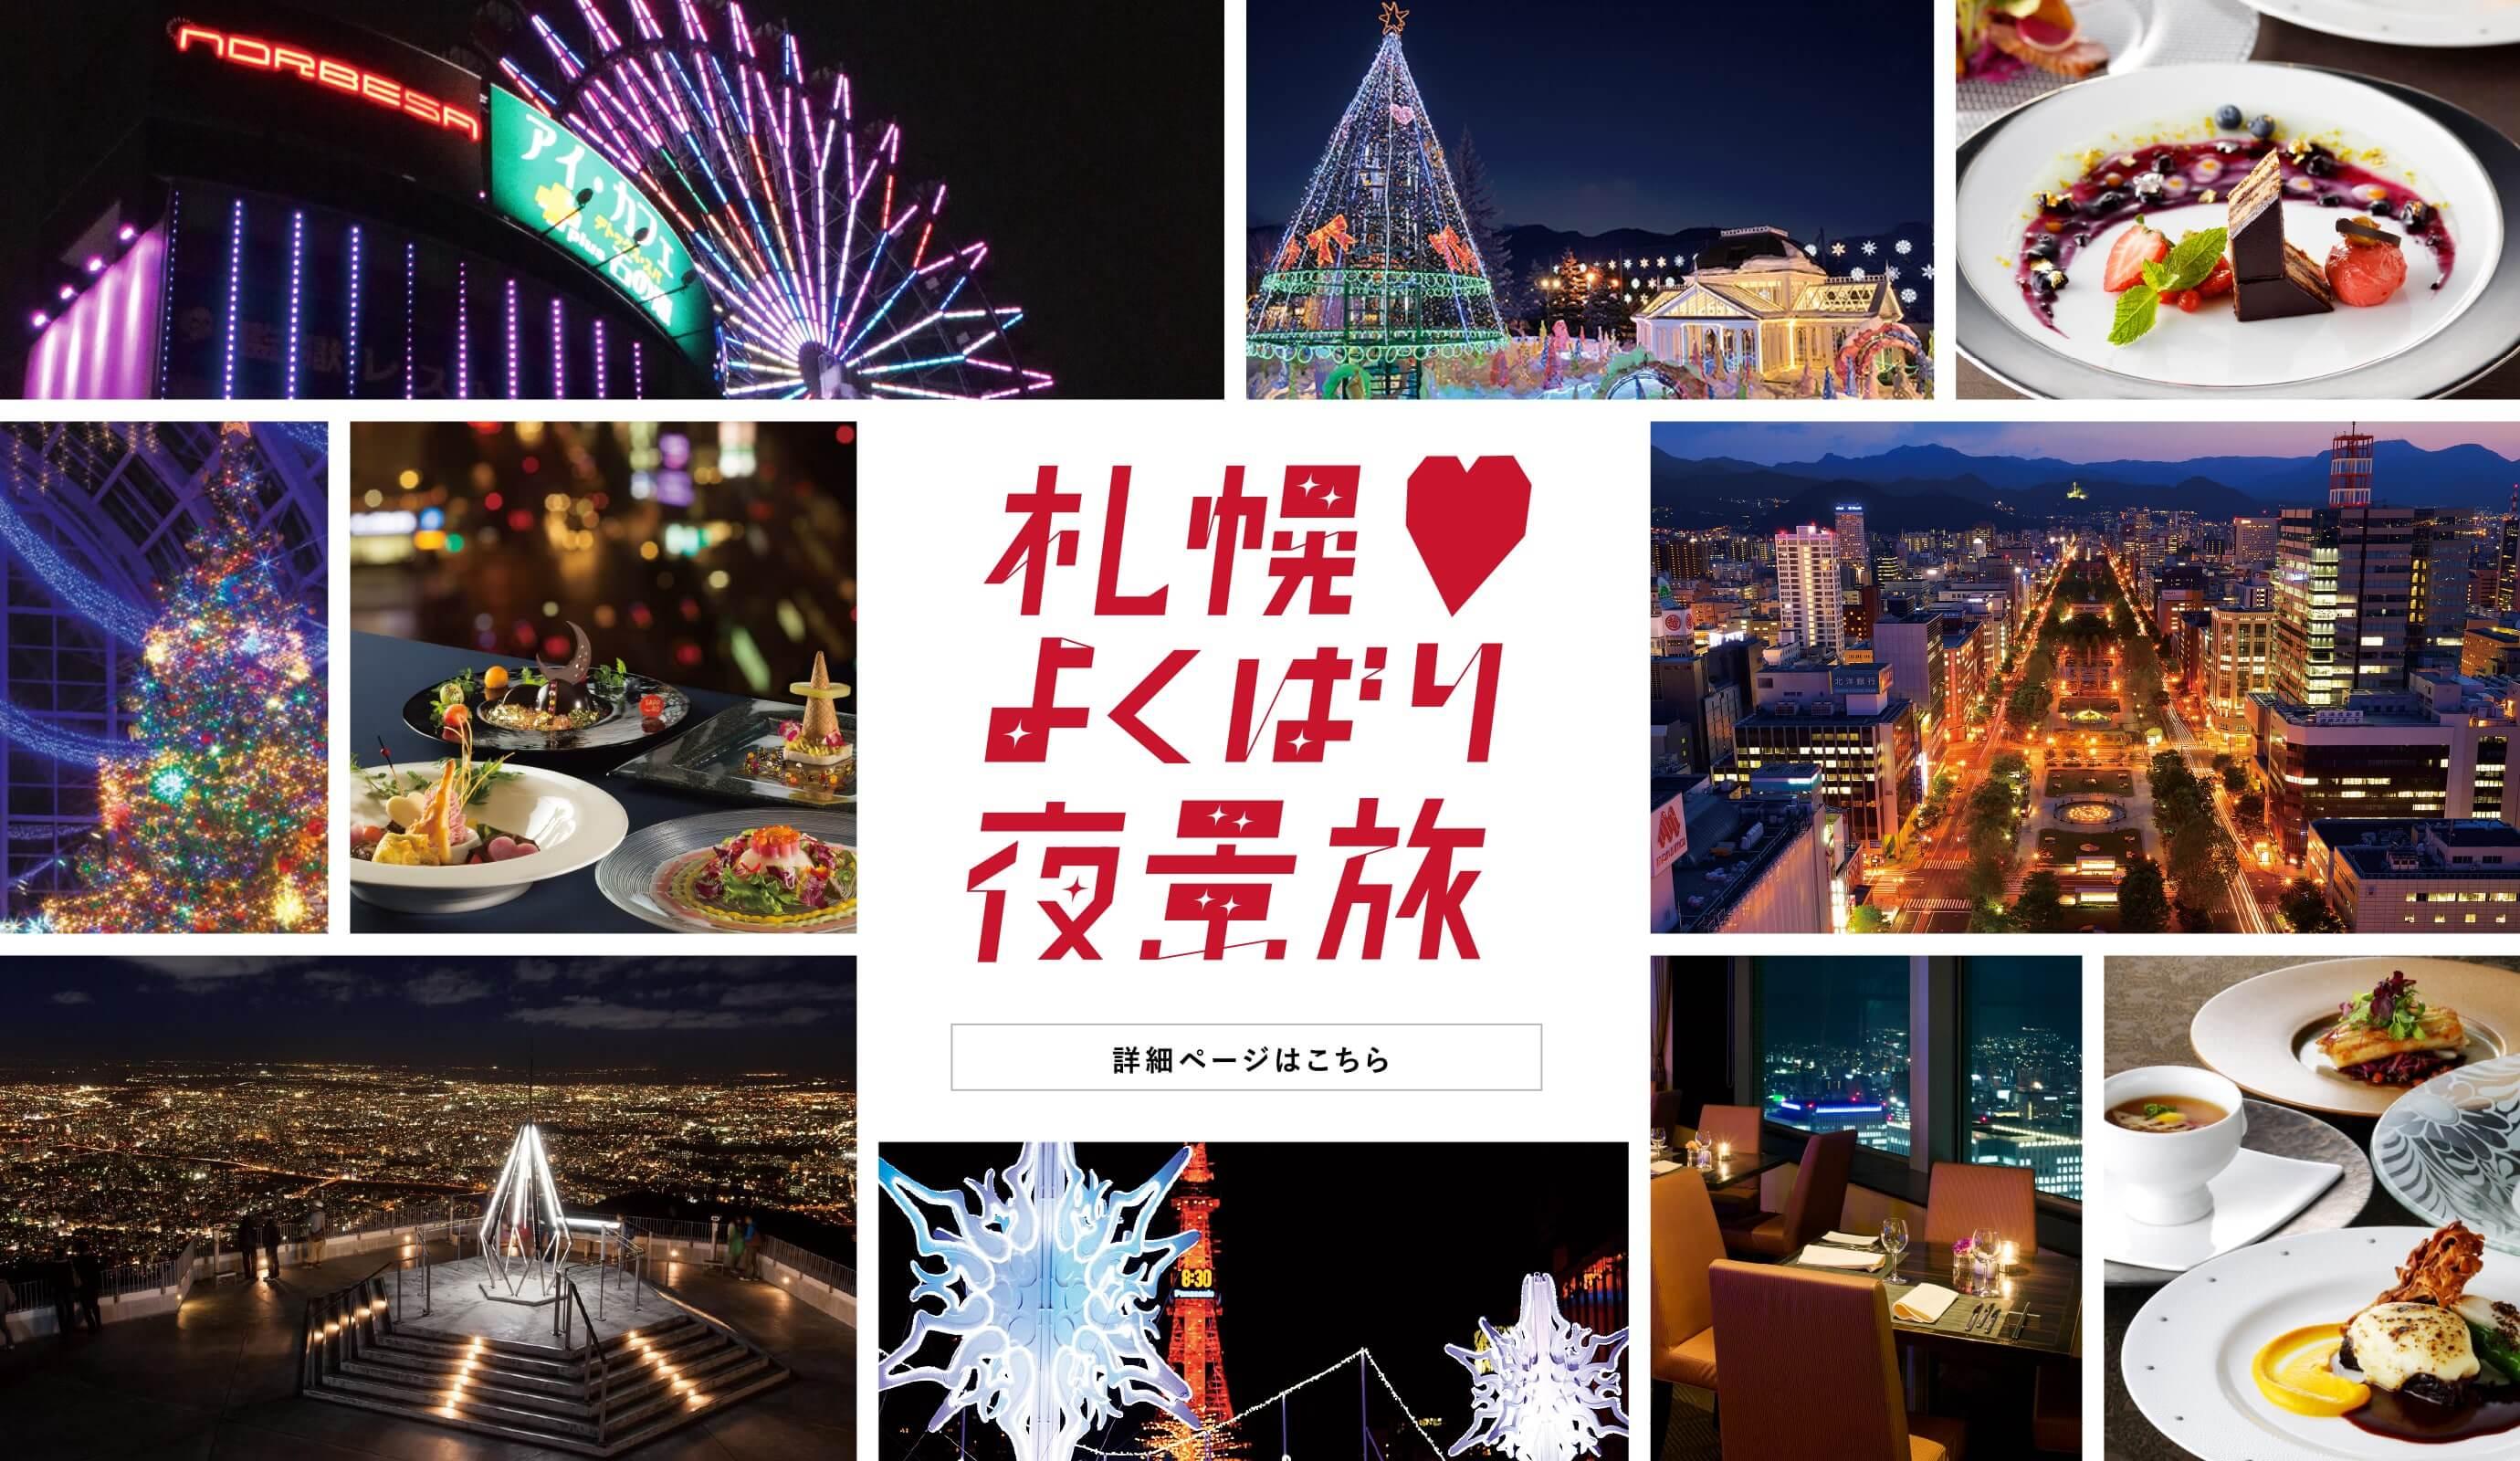 日本新三大夜景